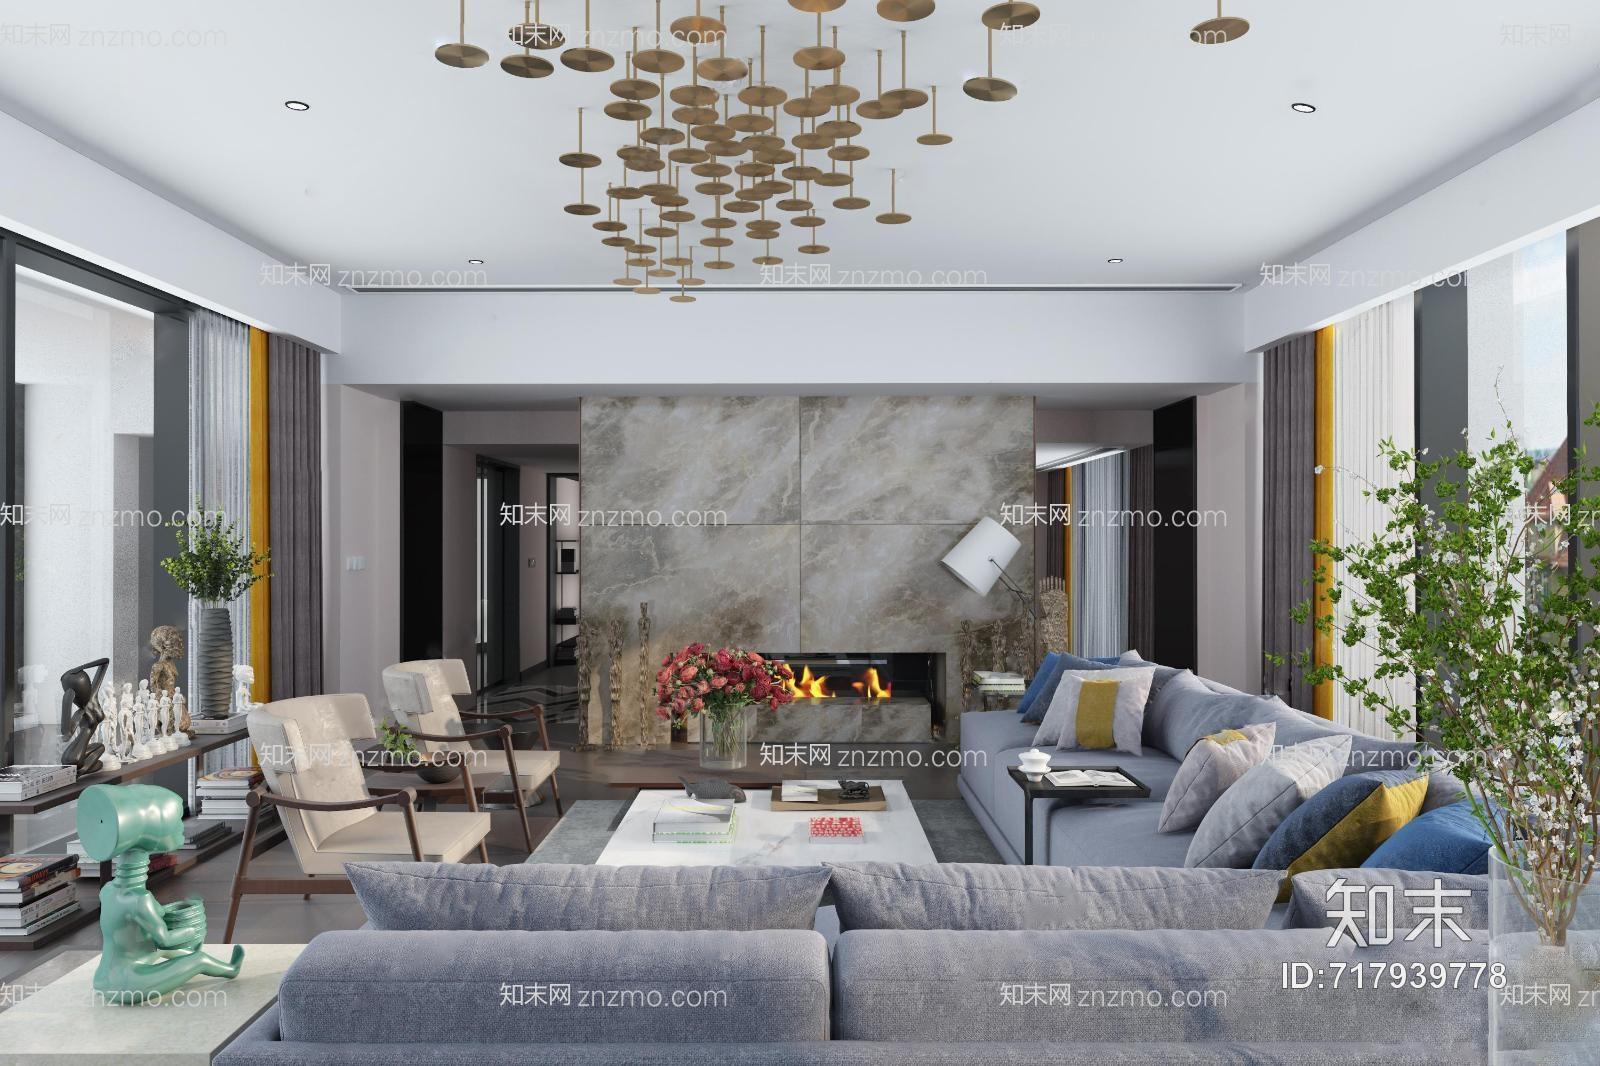 集艾设计现代客厅 吊灯 多人沙发组合 单人椅子 茶几 摆件 花 壁炉 书架